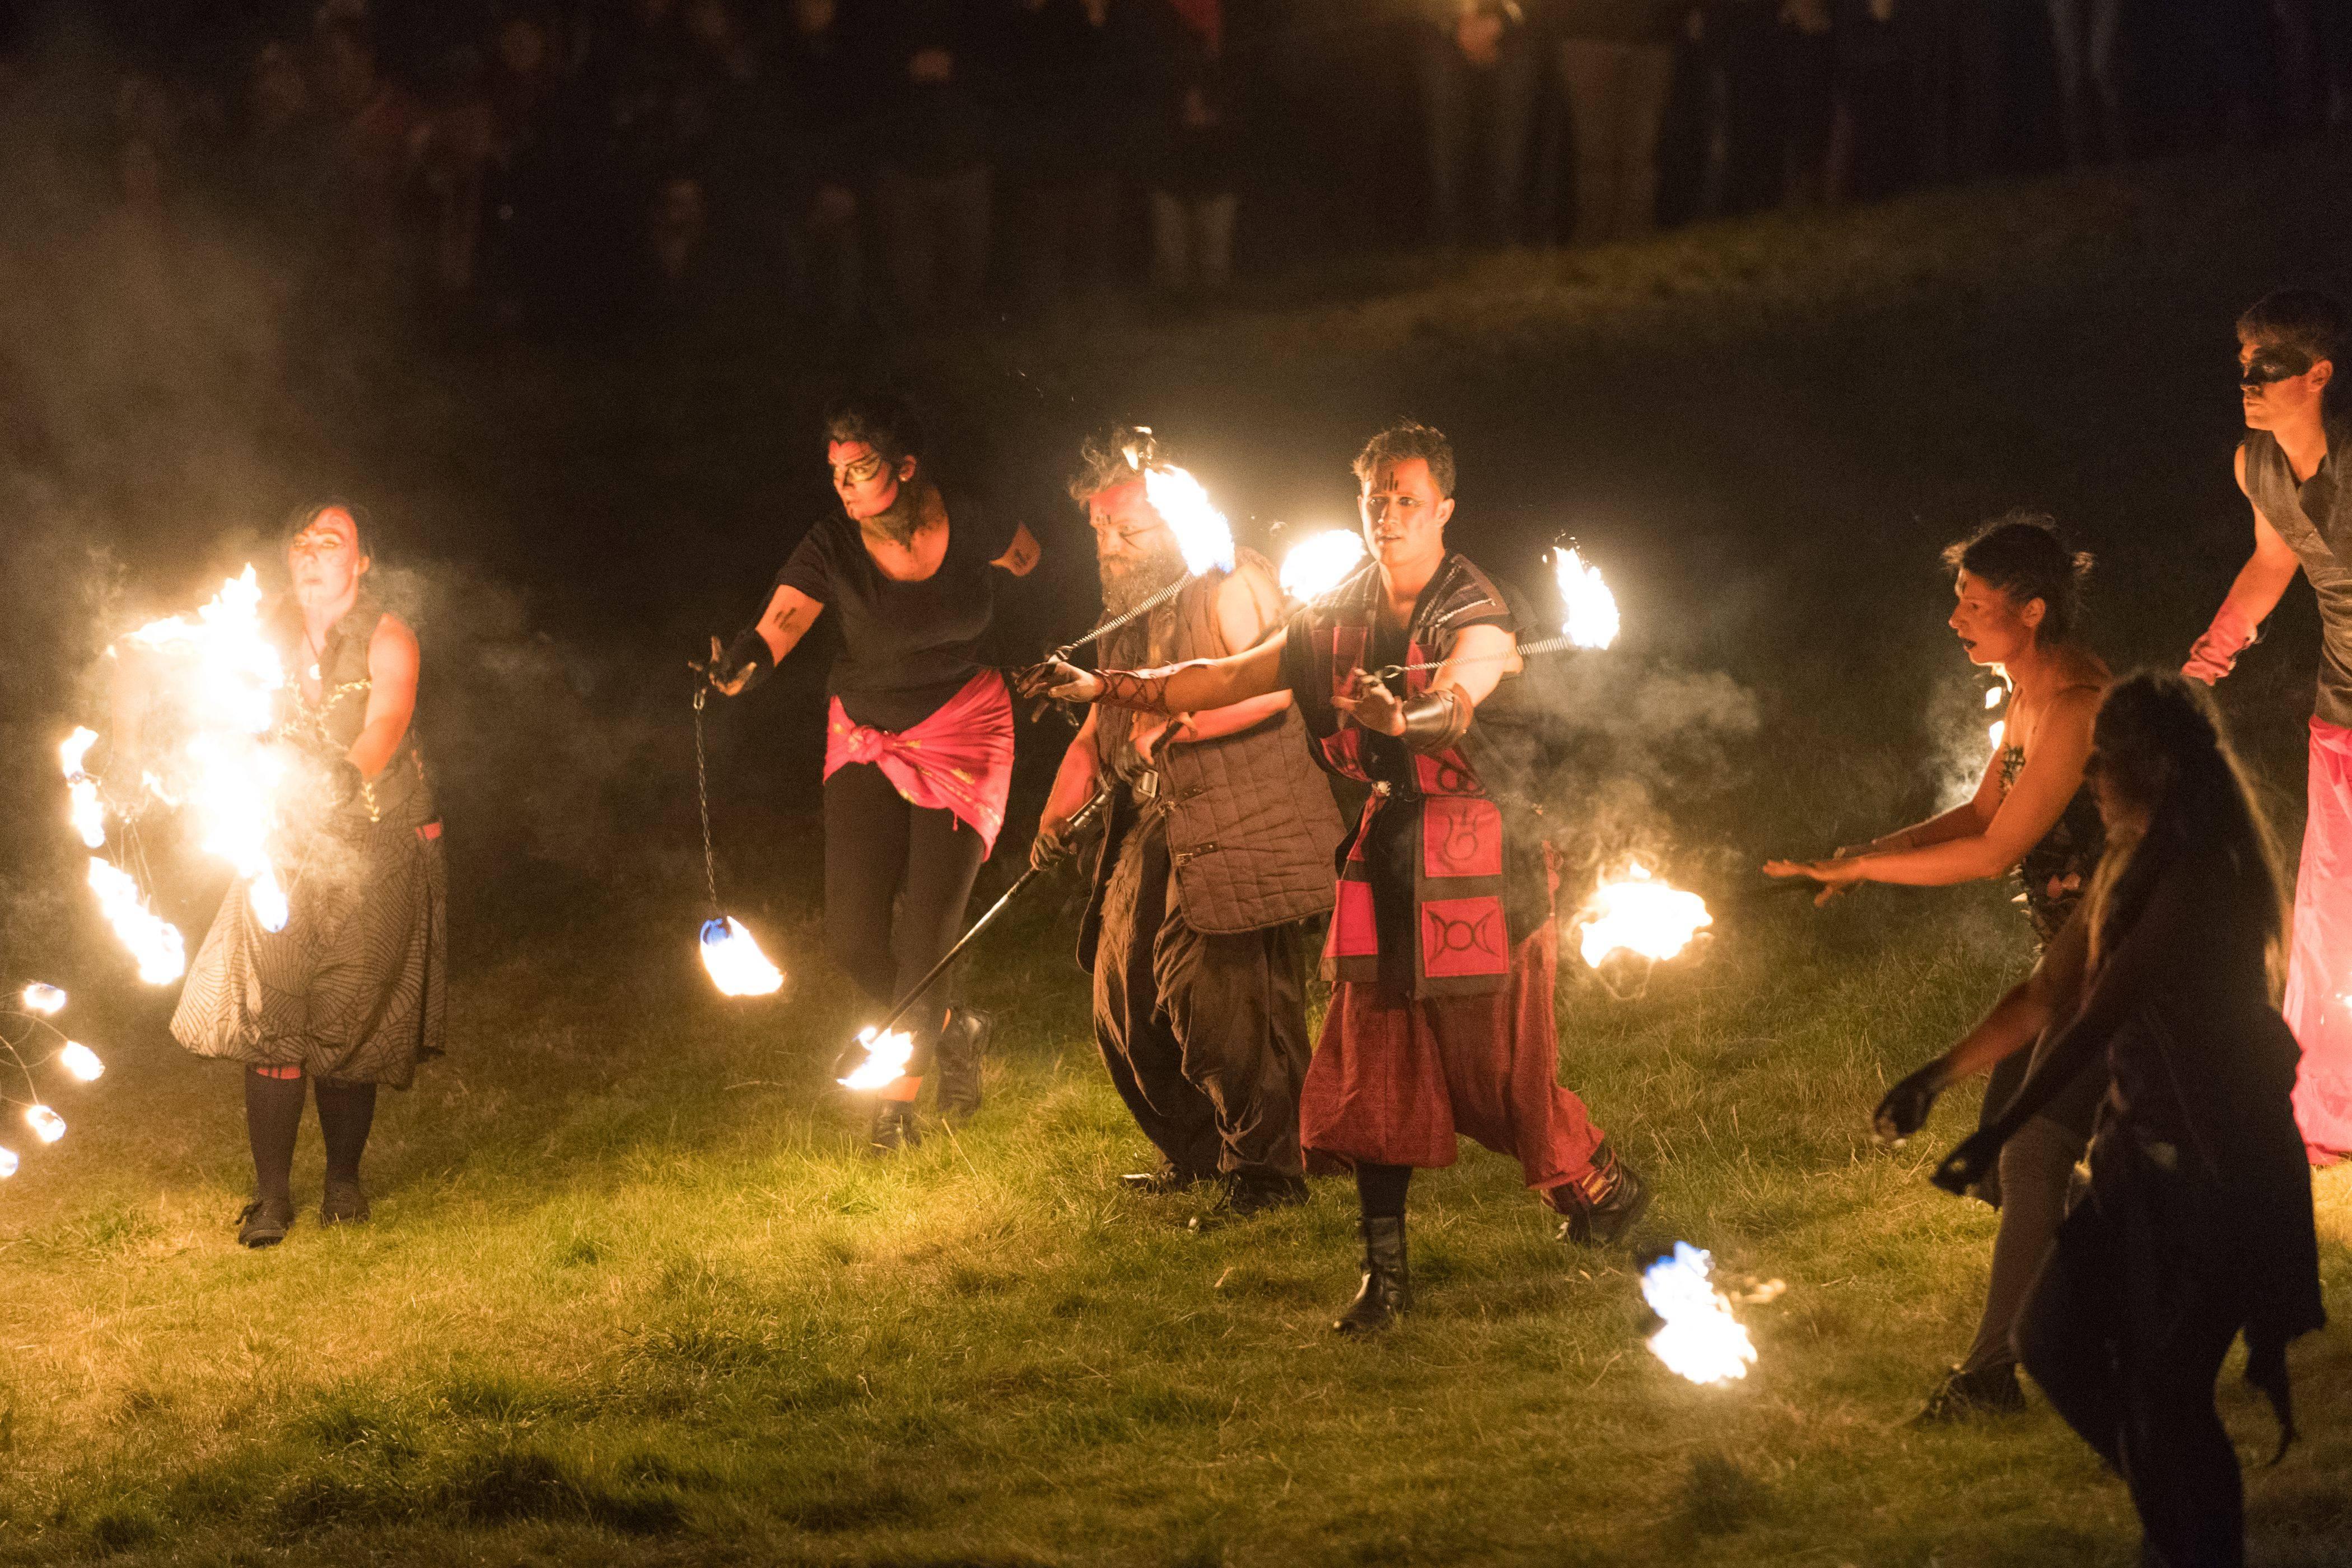 Кельтские праздники колеса года: дни силы у людей древности и последователей викки